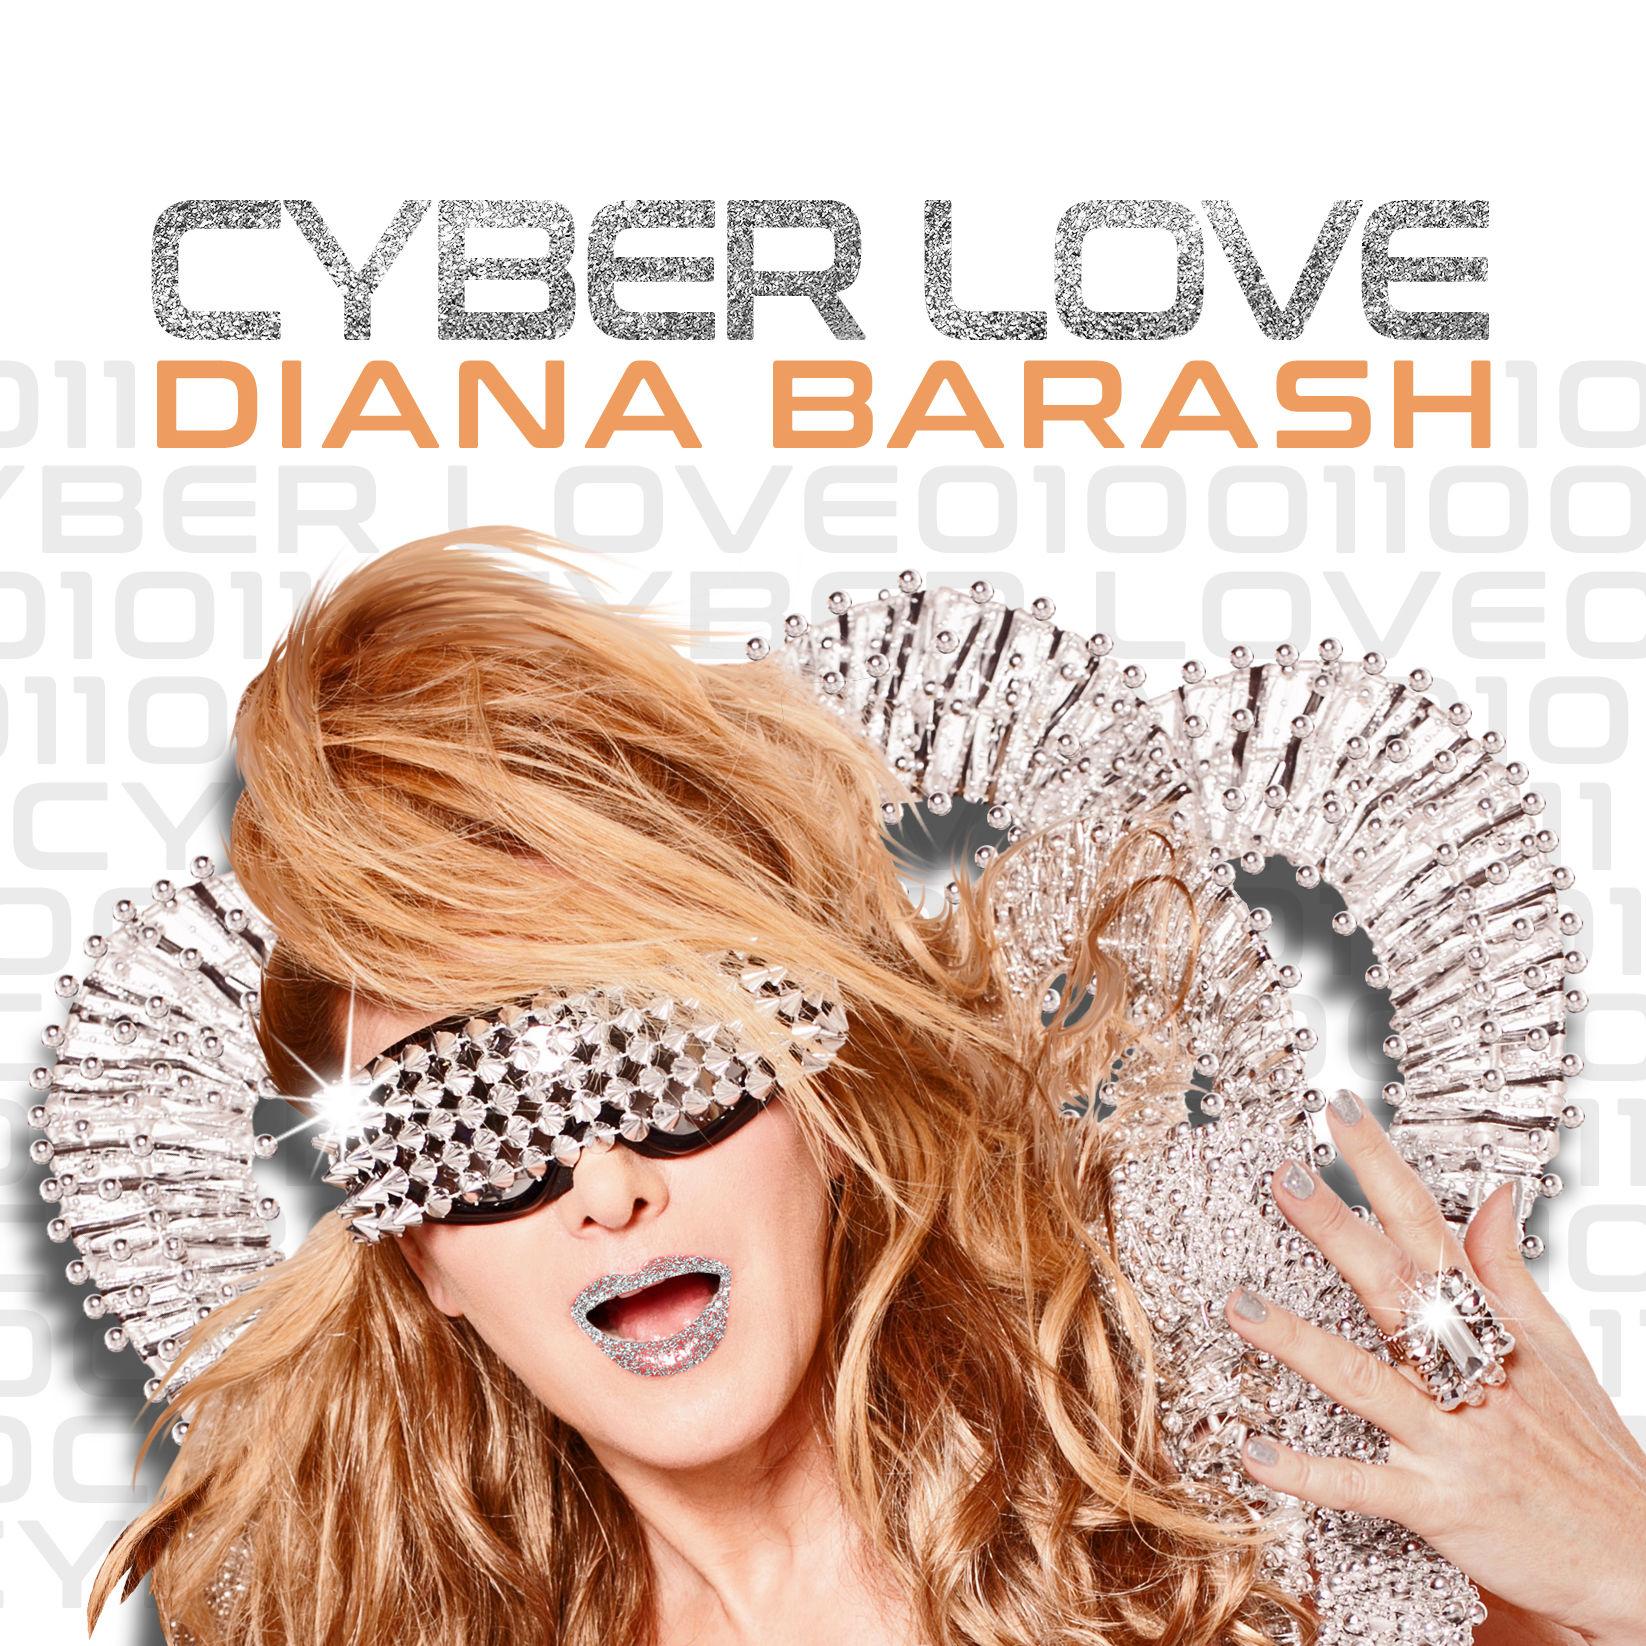 Diana Barash